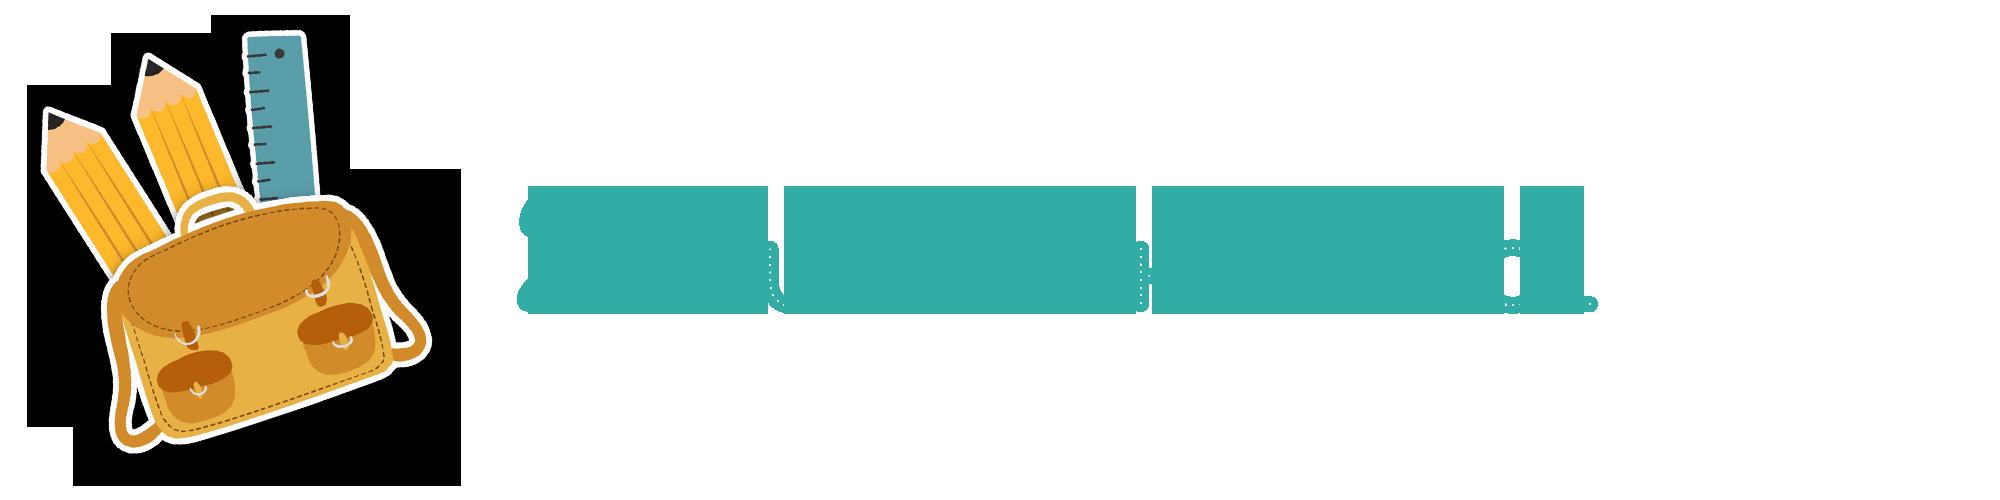 [E] Cho con học trường Quốc tế ở Hà Nội: Học phí 8 tỷ đồng - Ảnh 5